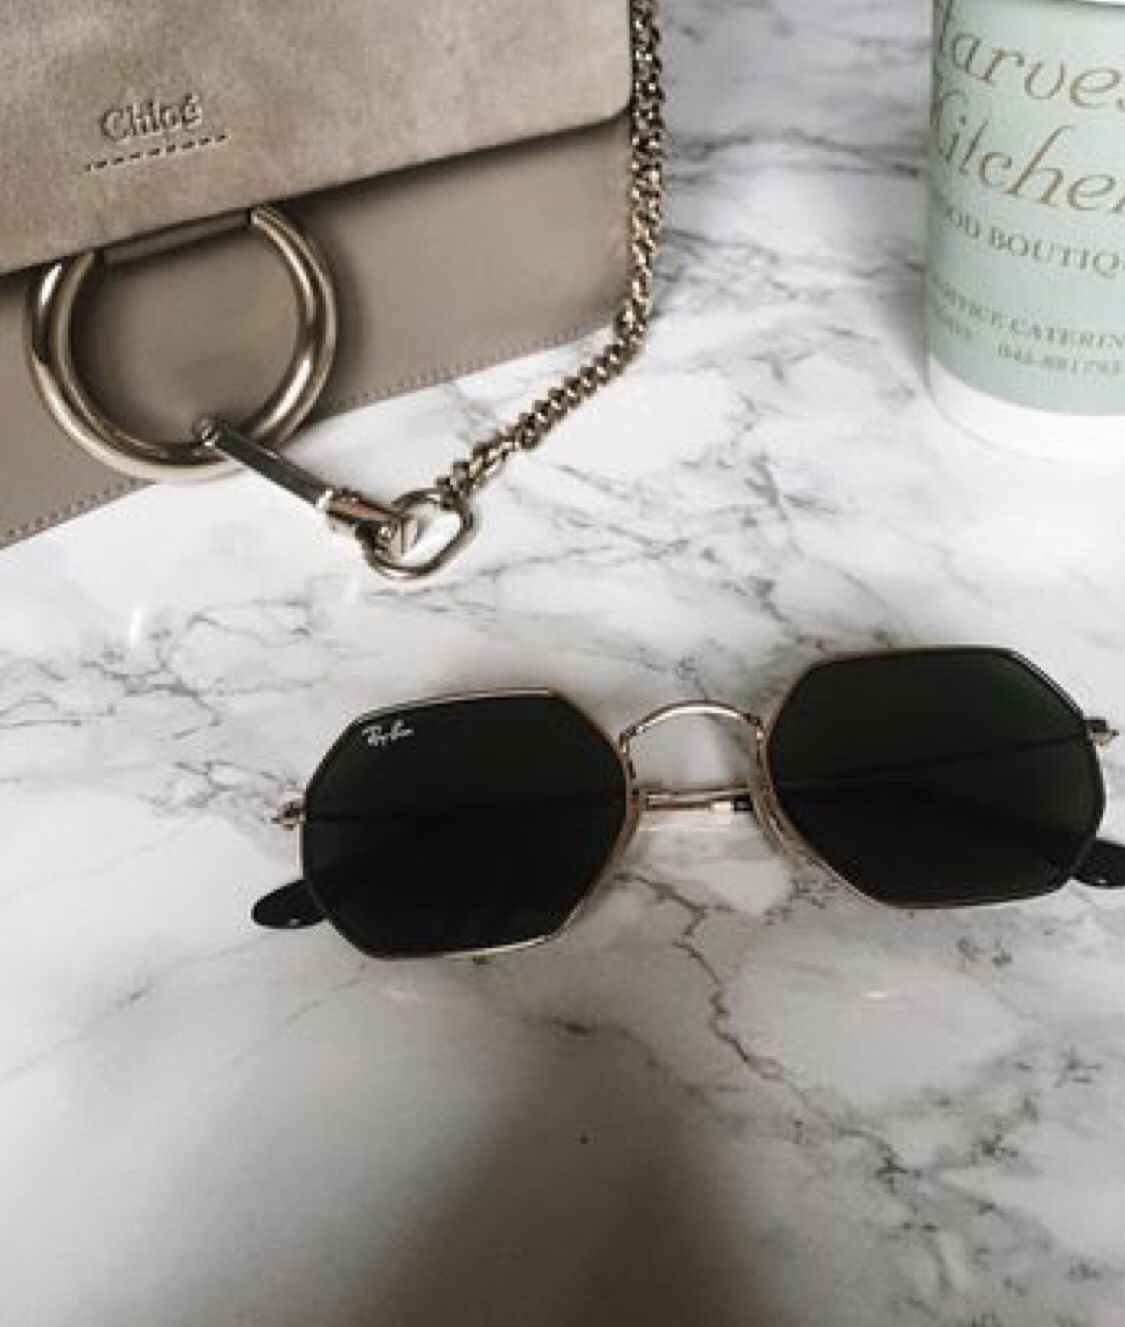 Pin de BIANCA OLIVEIRA em acessórios em 2019   Pinterest   Óculos ... da25ceafdb